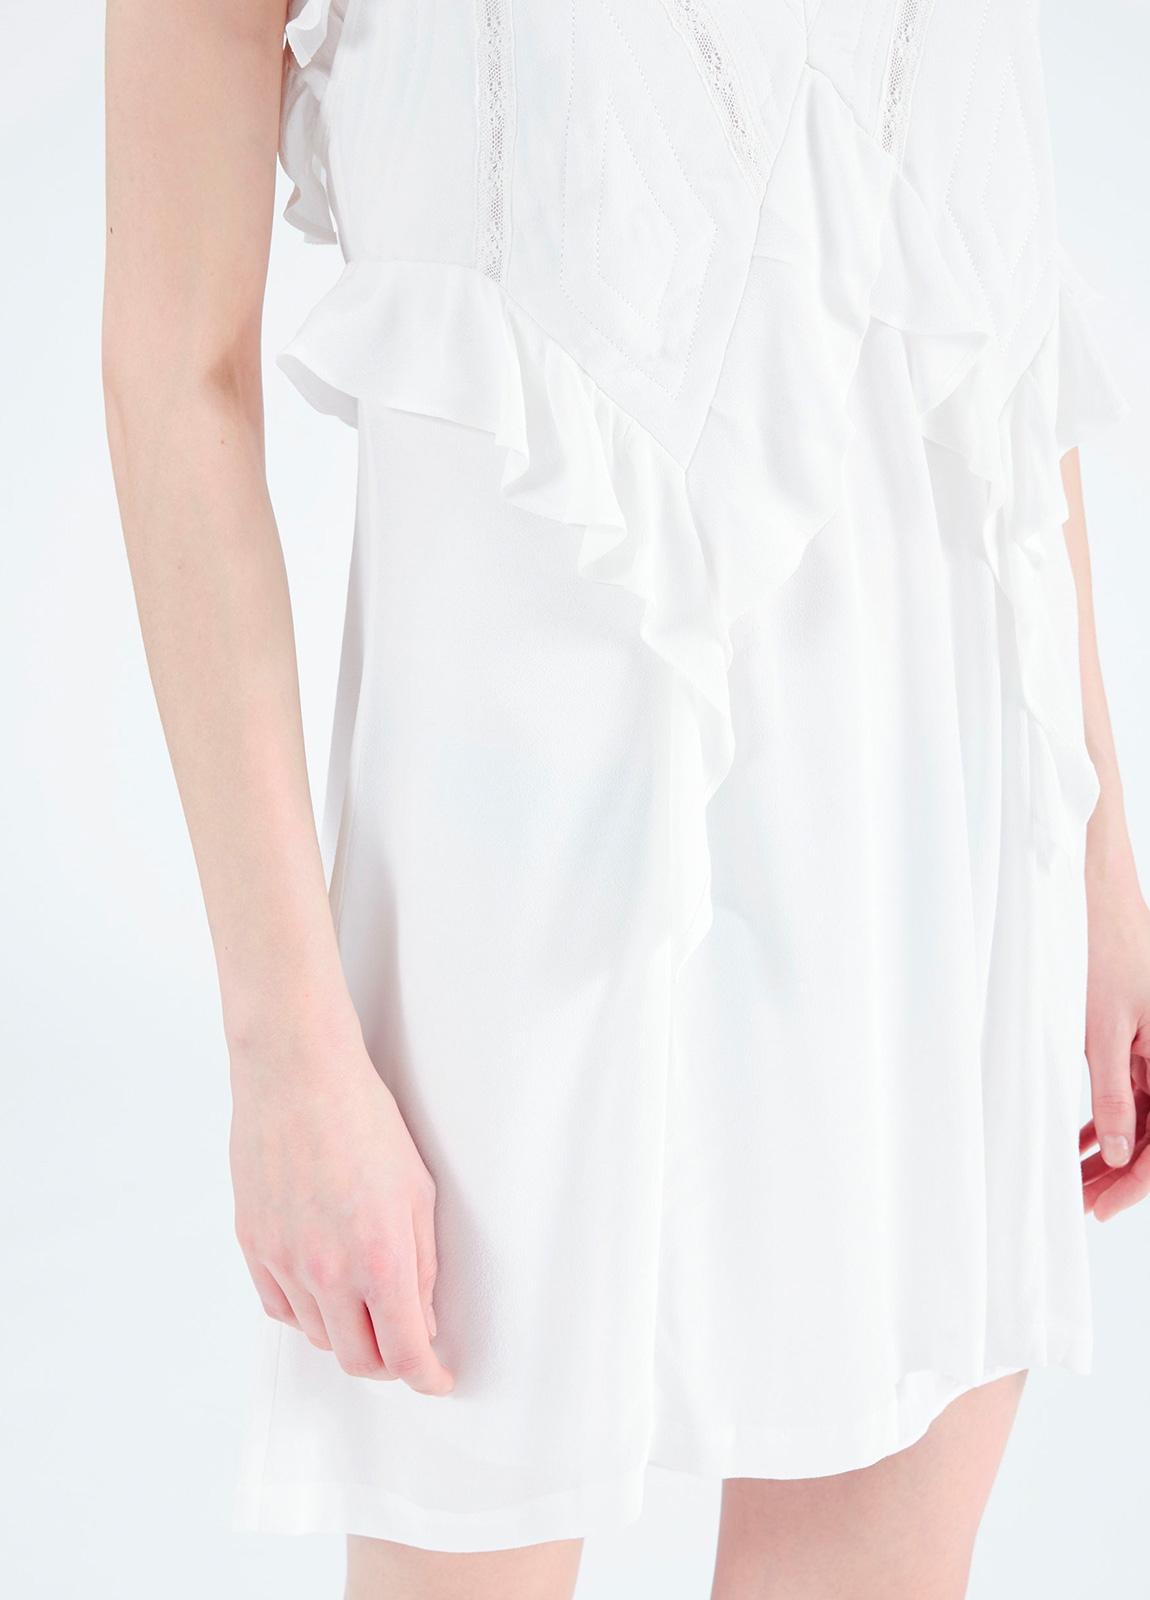 vestido de tirantes y cuello pico con bordes de encaje y detalle de volantes, color blanco. 53% Viscosa 47% Rayón. - Ítem3